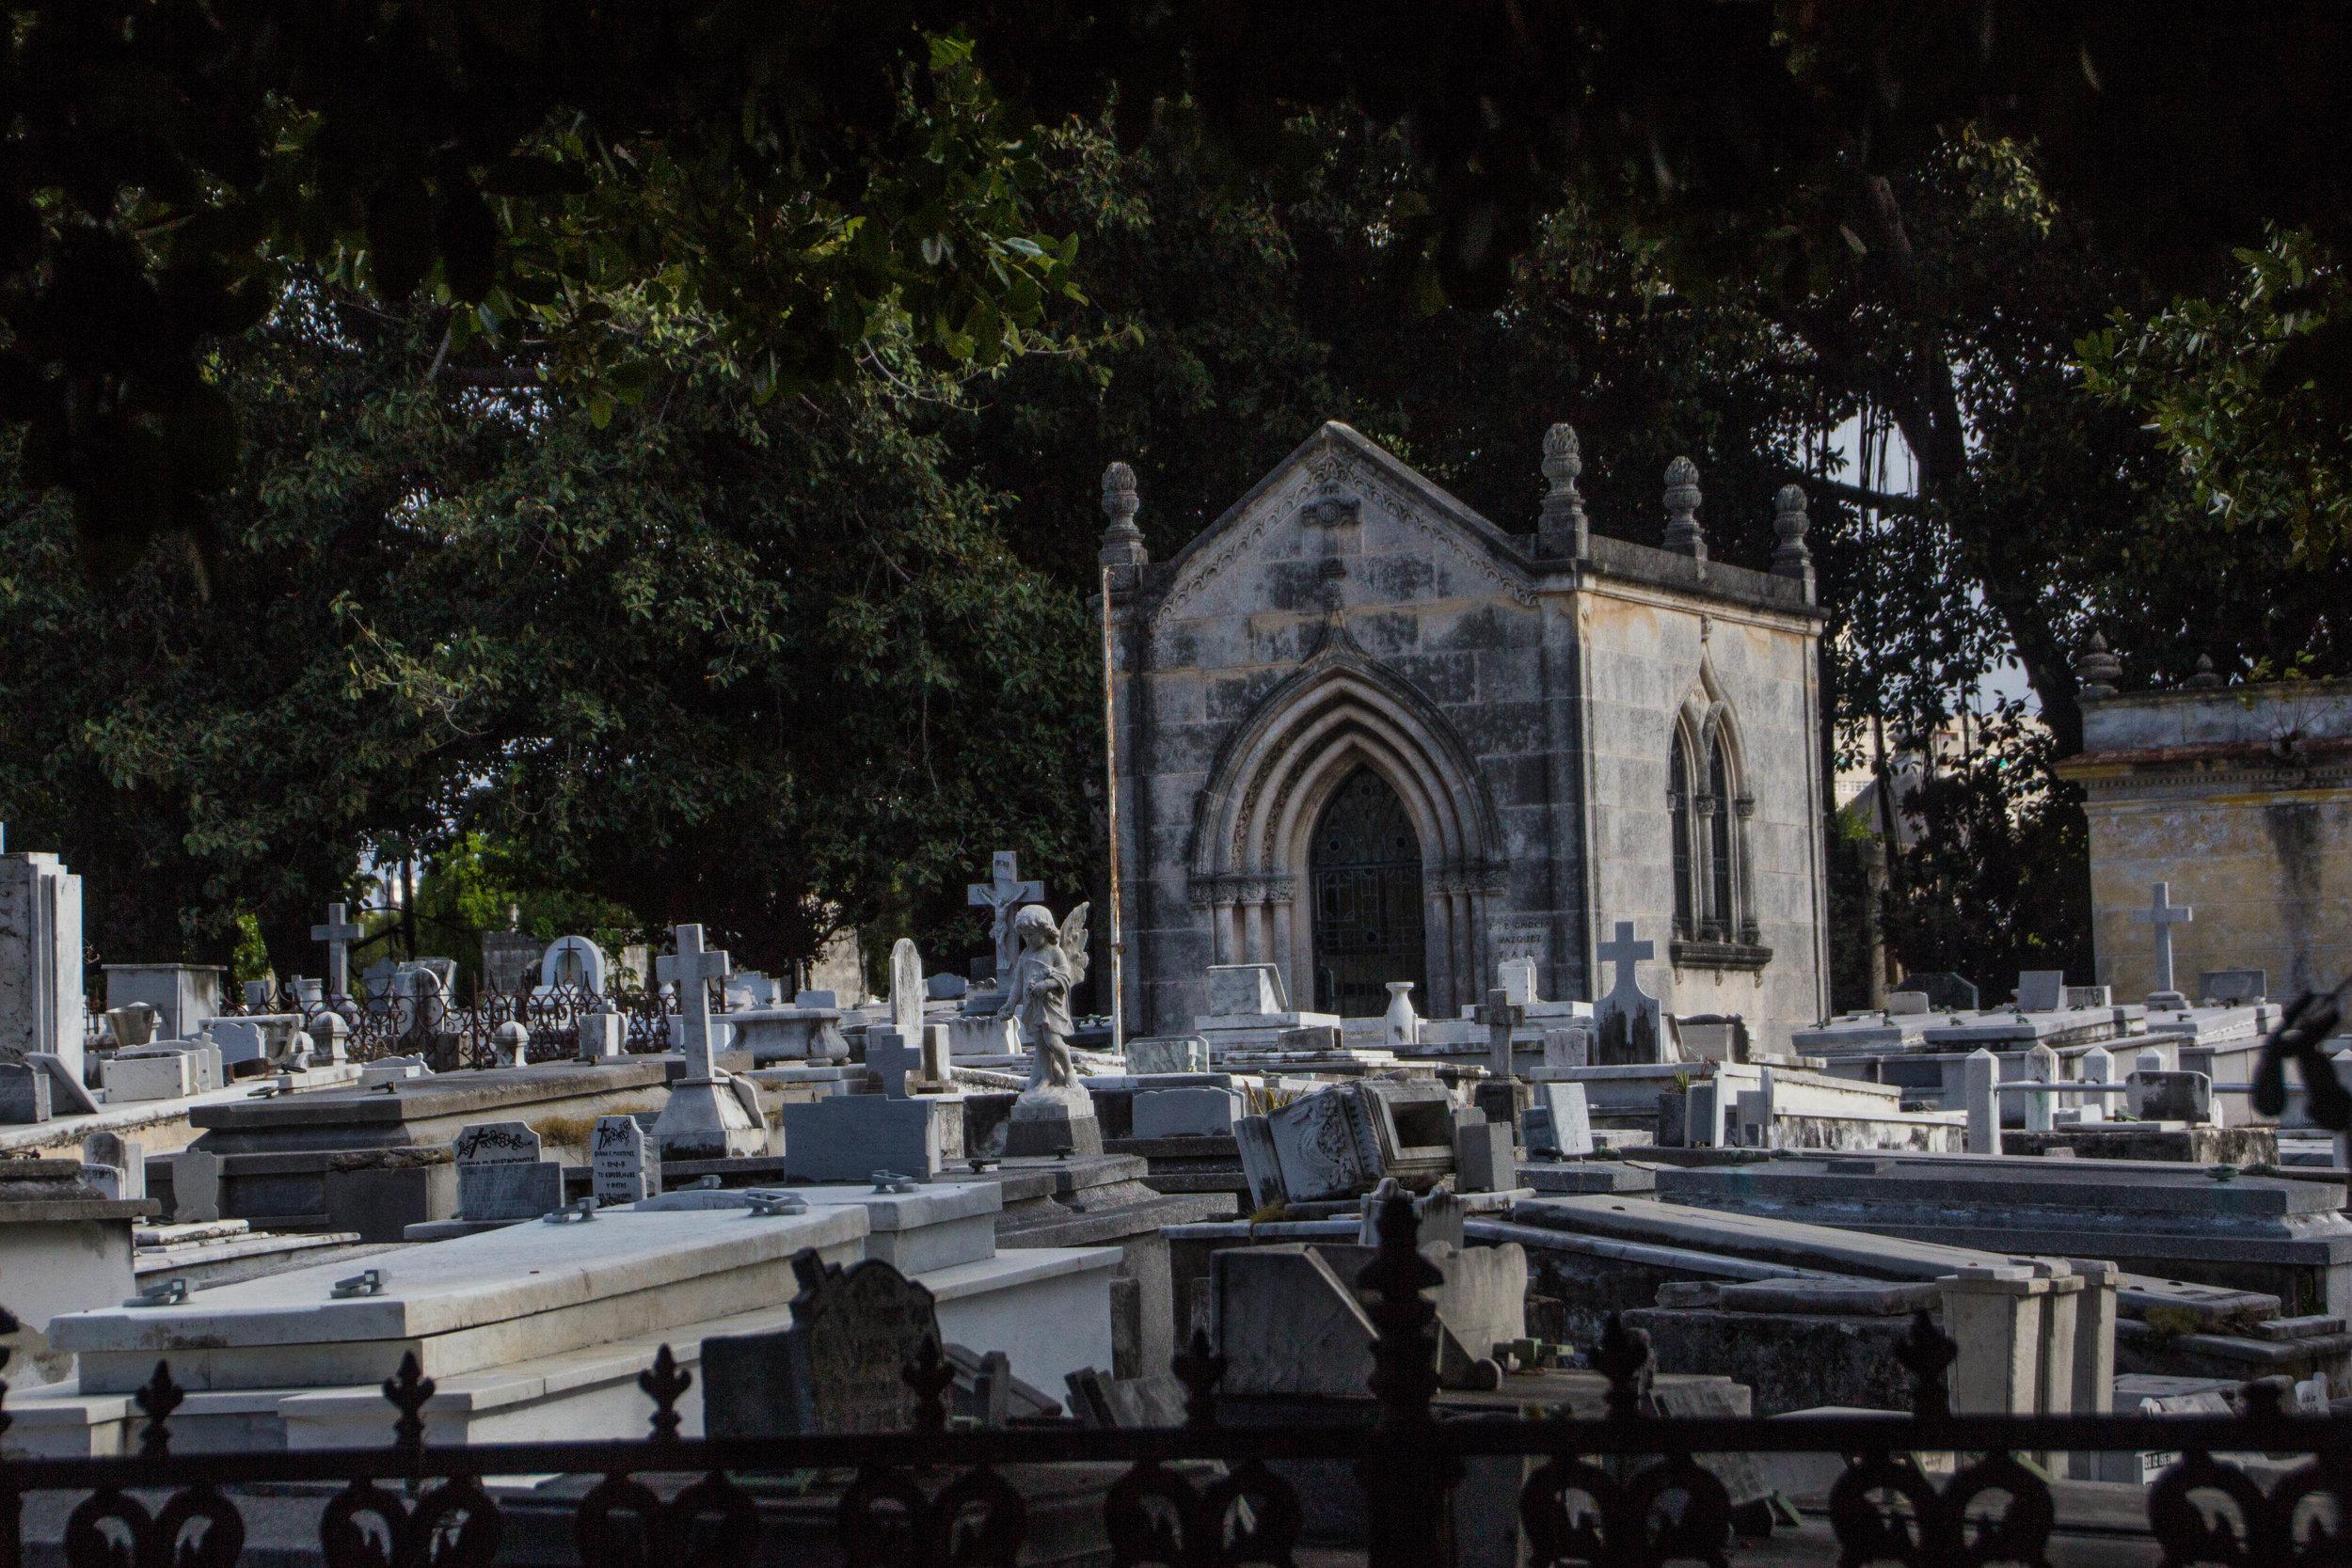 cementerio de cristóbal colón havana cuba-1-9-2.jpg